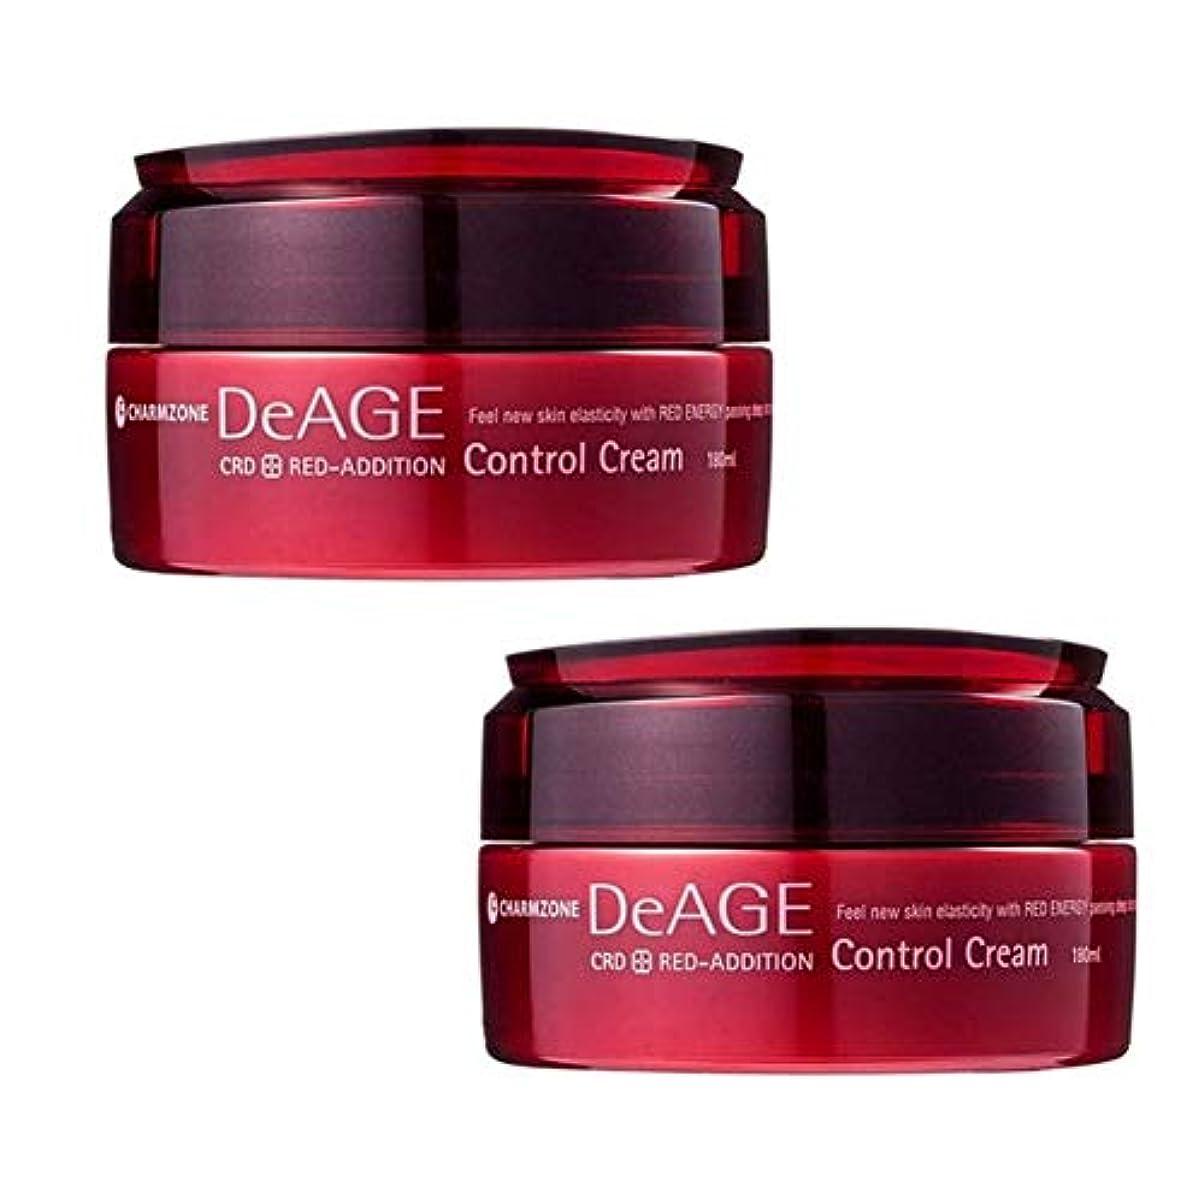 アスレチックスタッフ取り囲むチャムジョンディエイジレッドエディションコントロールクリーム180ml x 2本セットマッサージクリーム、Charmzone DeAGE Red-Addition Control Cream 180ml x 2ea Set...